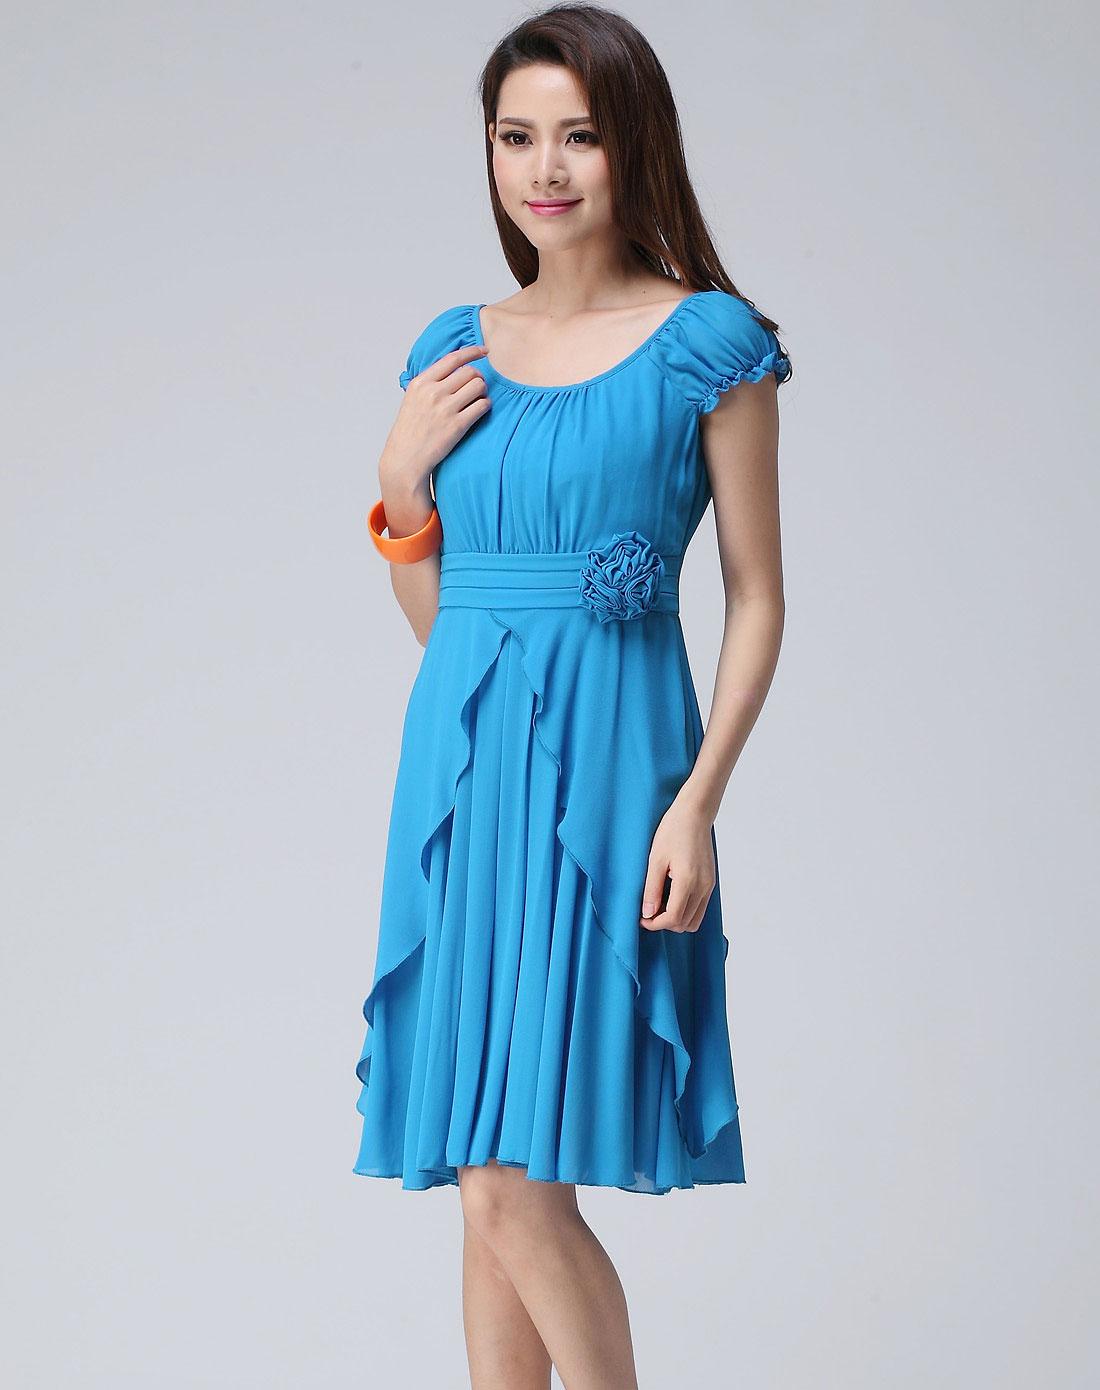 女款蓝色连衣裙